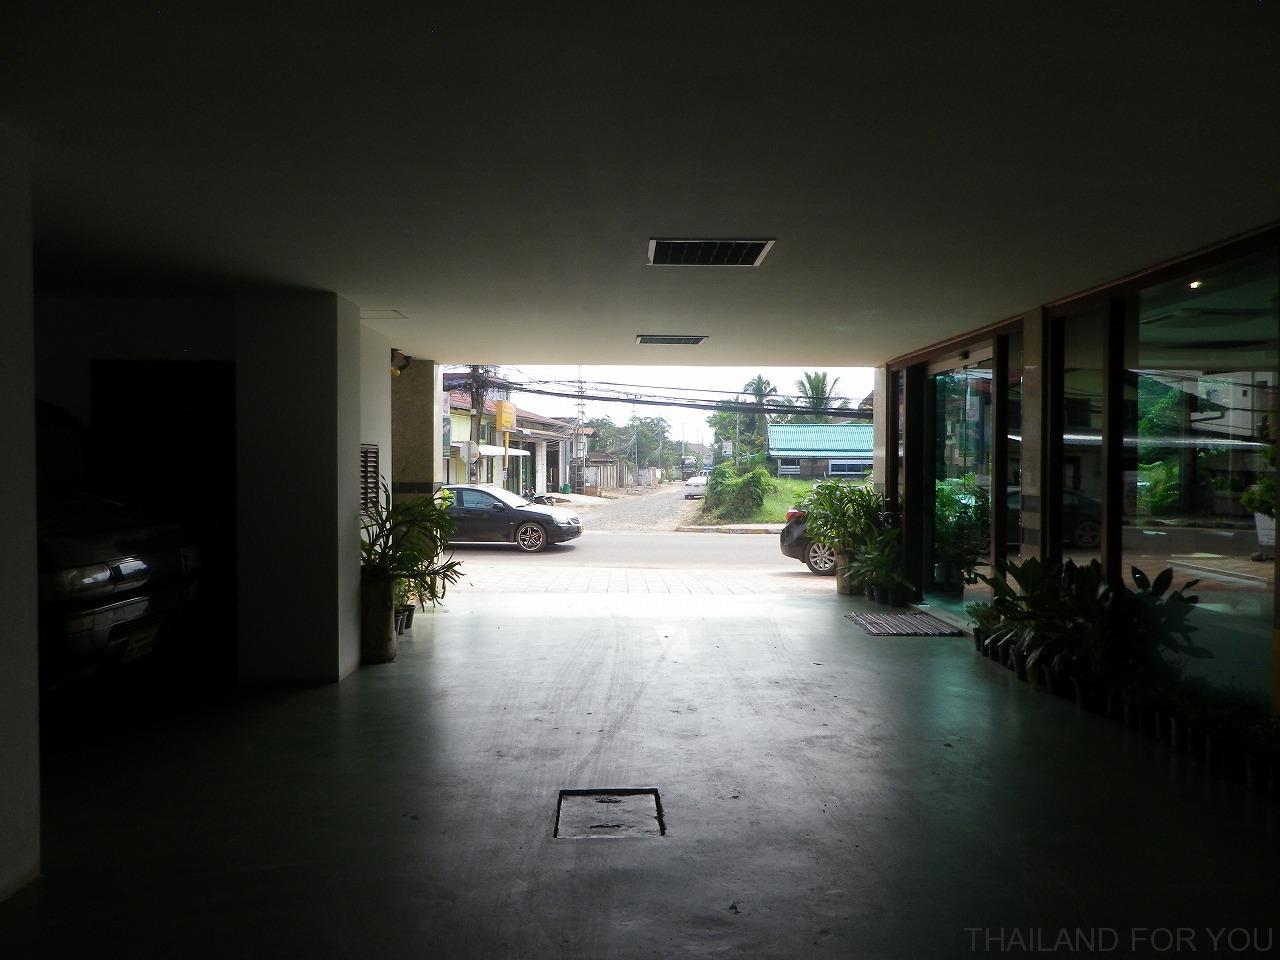 ビエンチャン・ラオゴールデンホテルの写真